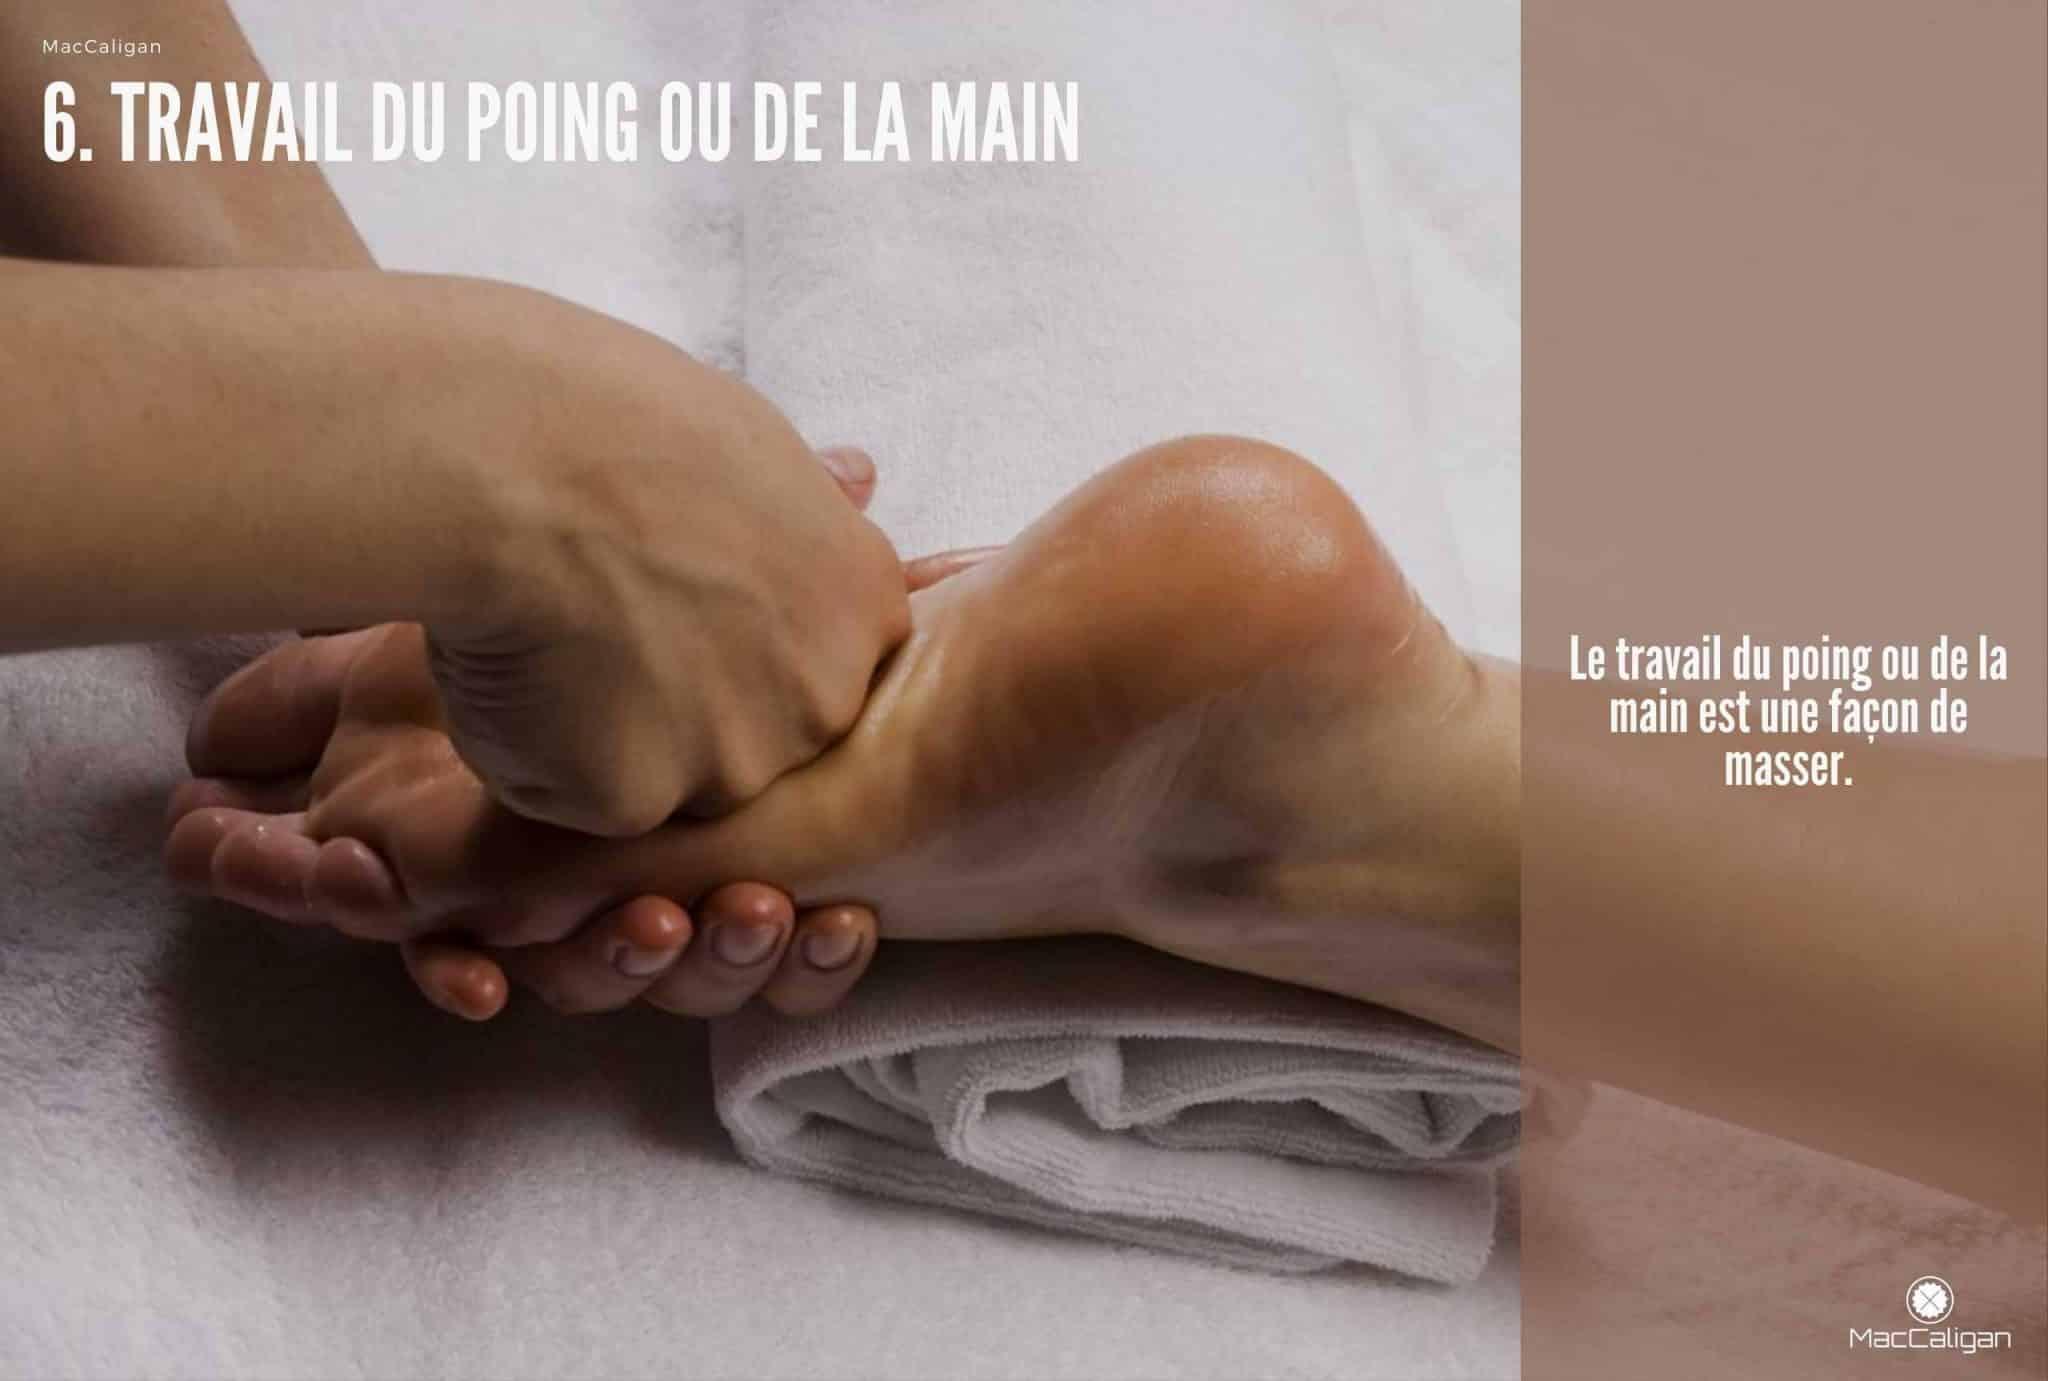 6. TRAVAIL DU POING OU DE LA MAIN - massage des pieds bienfaits